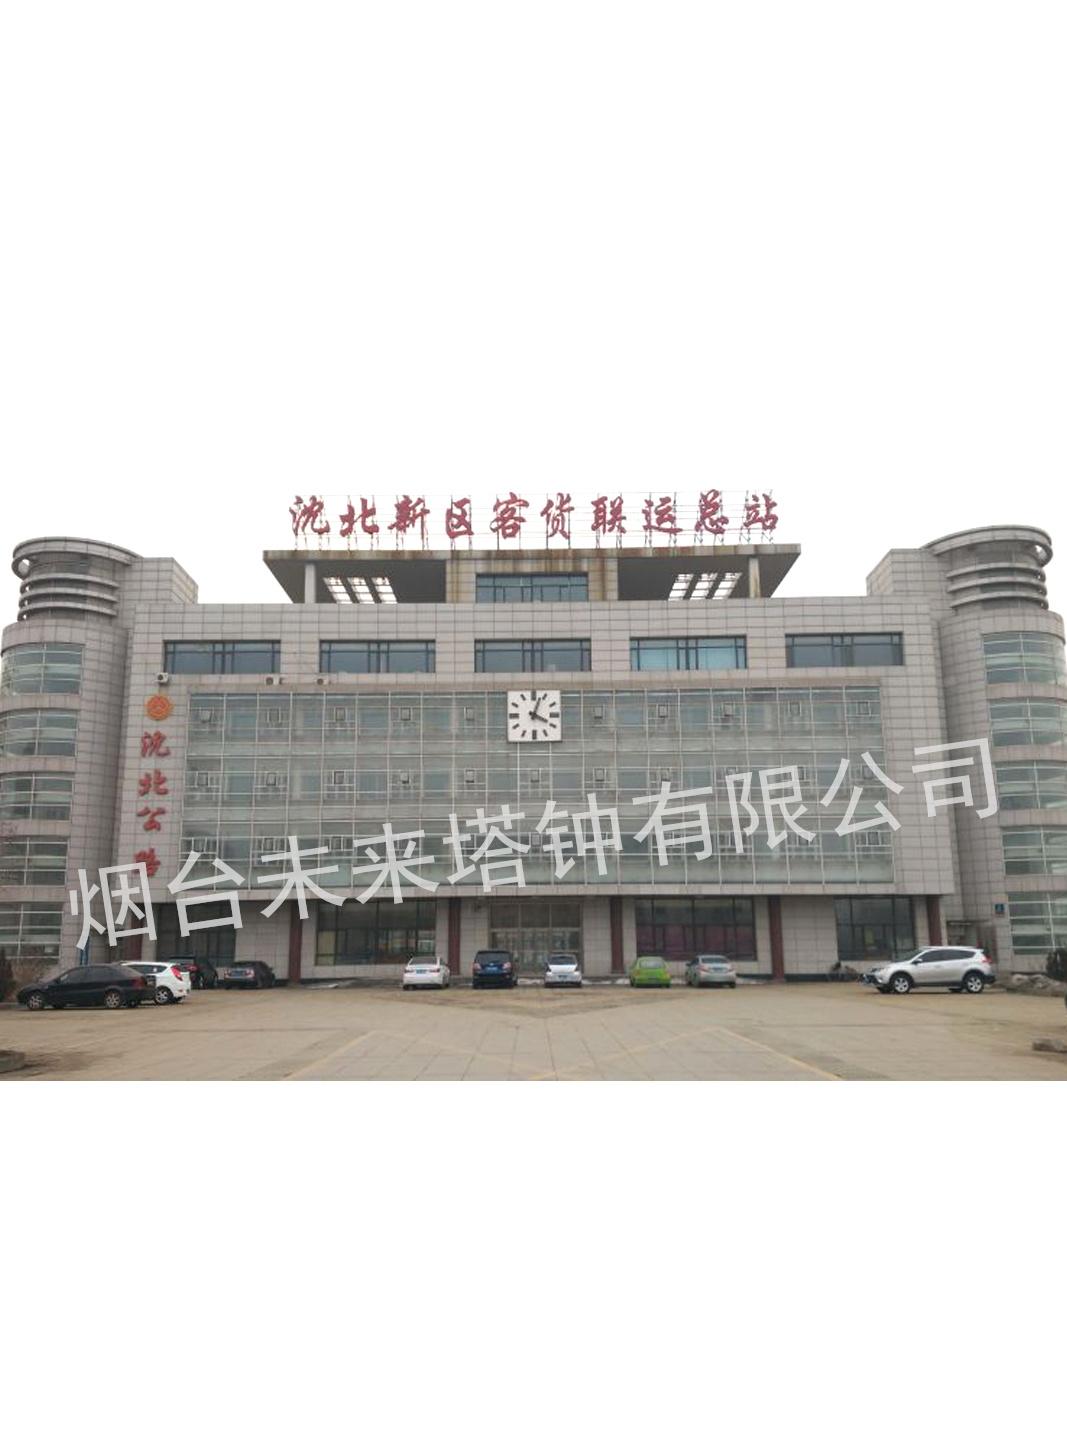 辽宁沈阳新区客运站